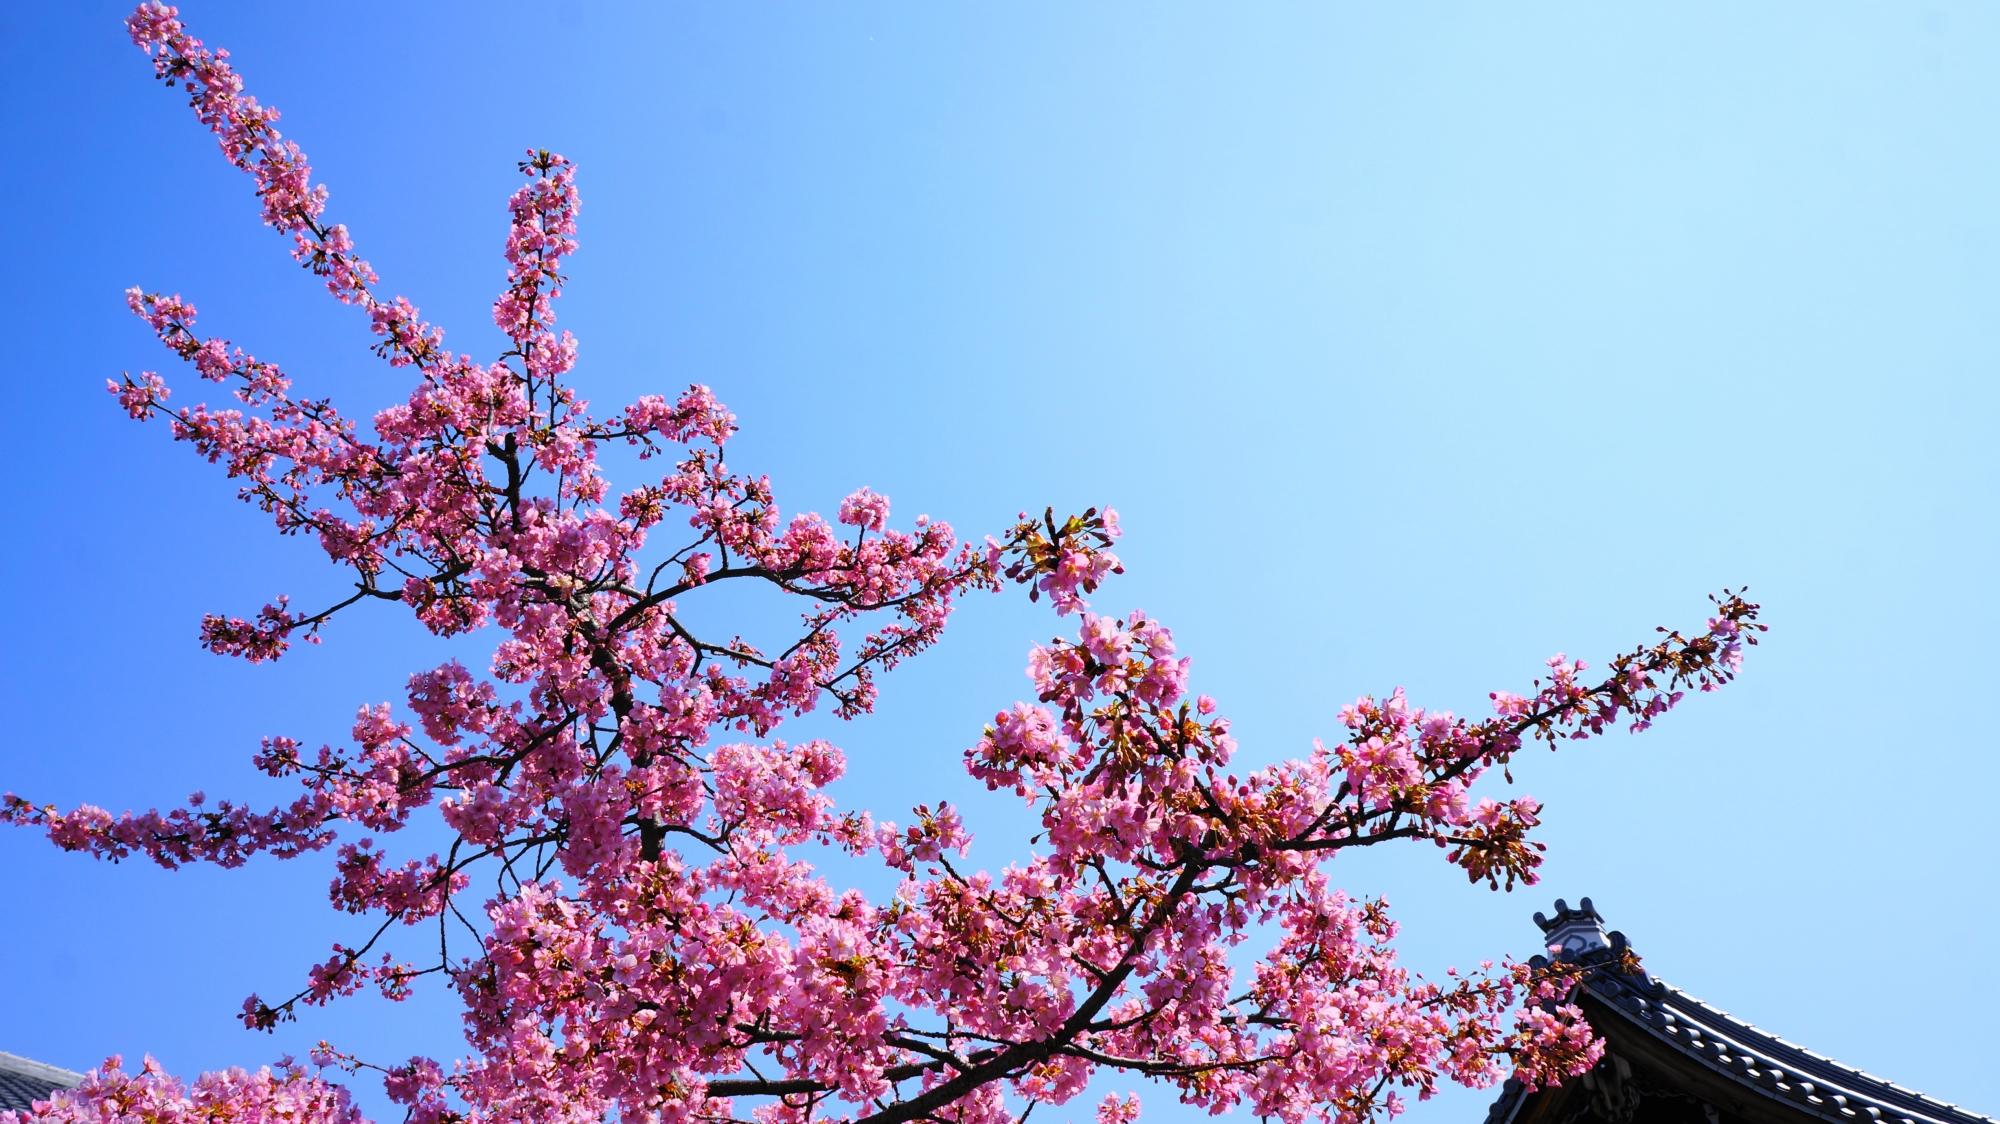 透きとおるような青空を彩る鮮やかなピンクの桜